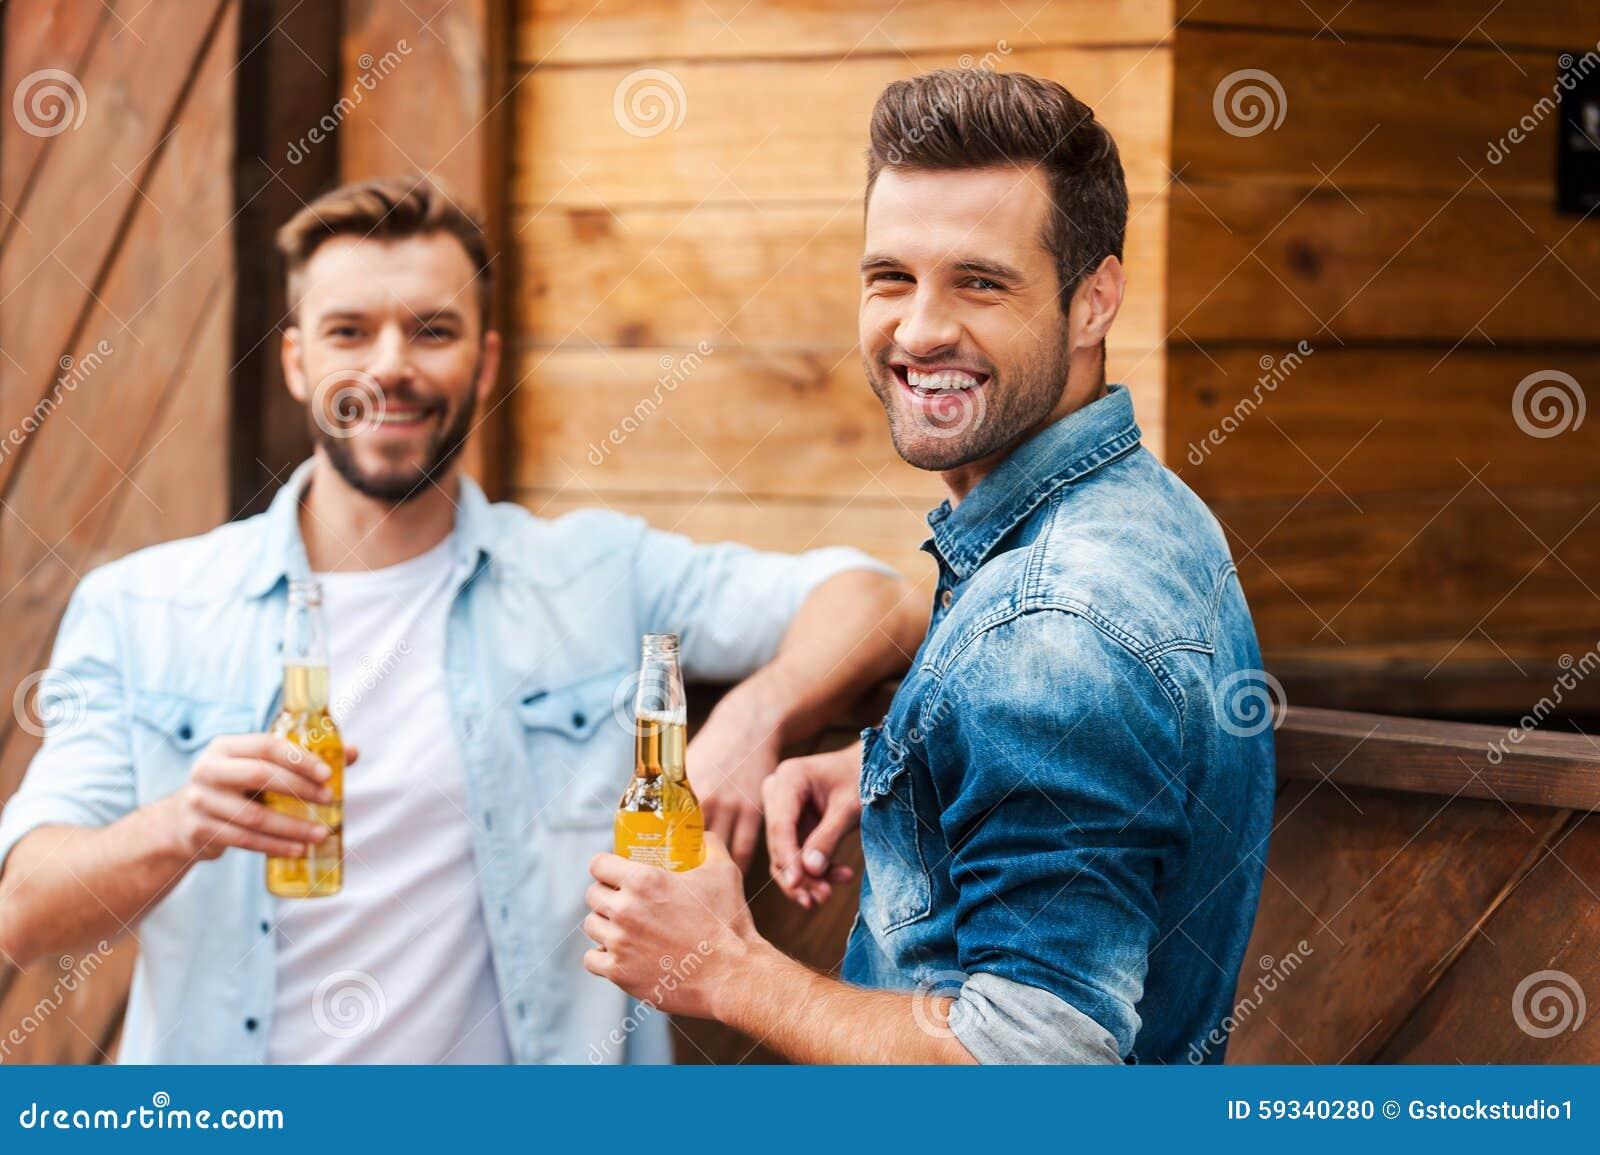 Randki gejów na południowy zachód